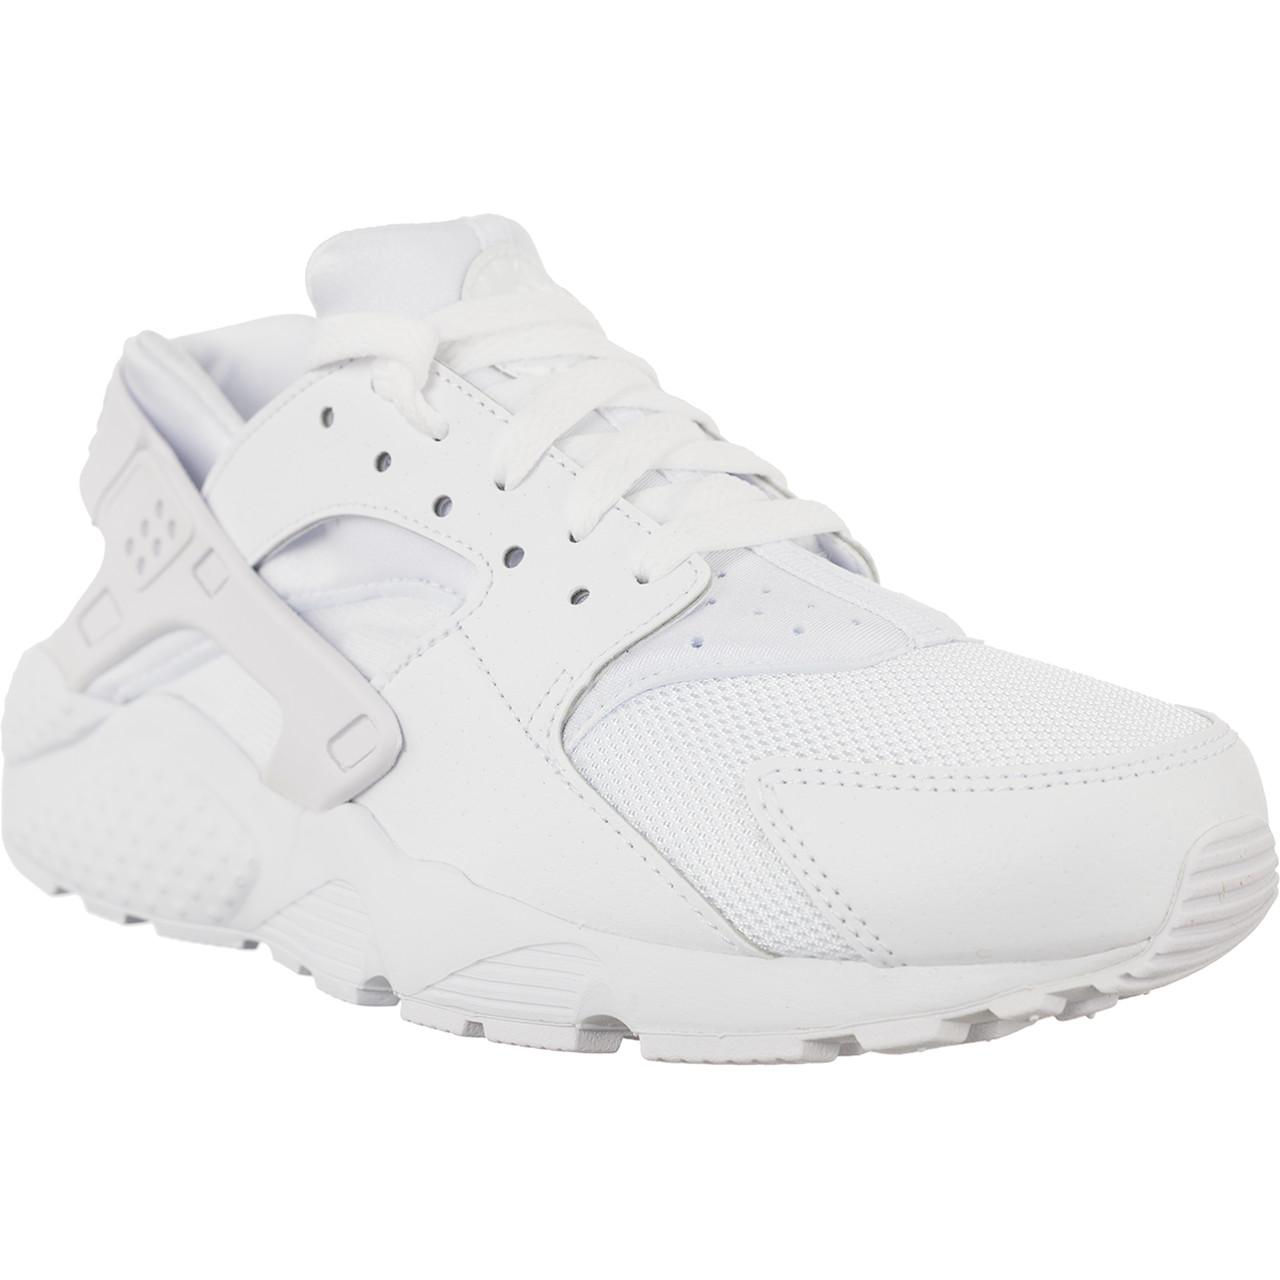 nowy styl 100% autentyczny kupuj bestsellery Buty Nike HUARACHE RUN GS 110 - eastend.pl